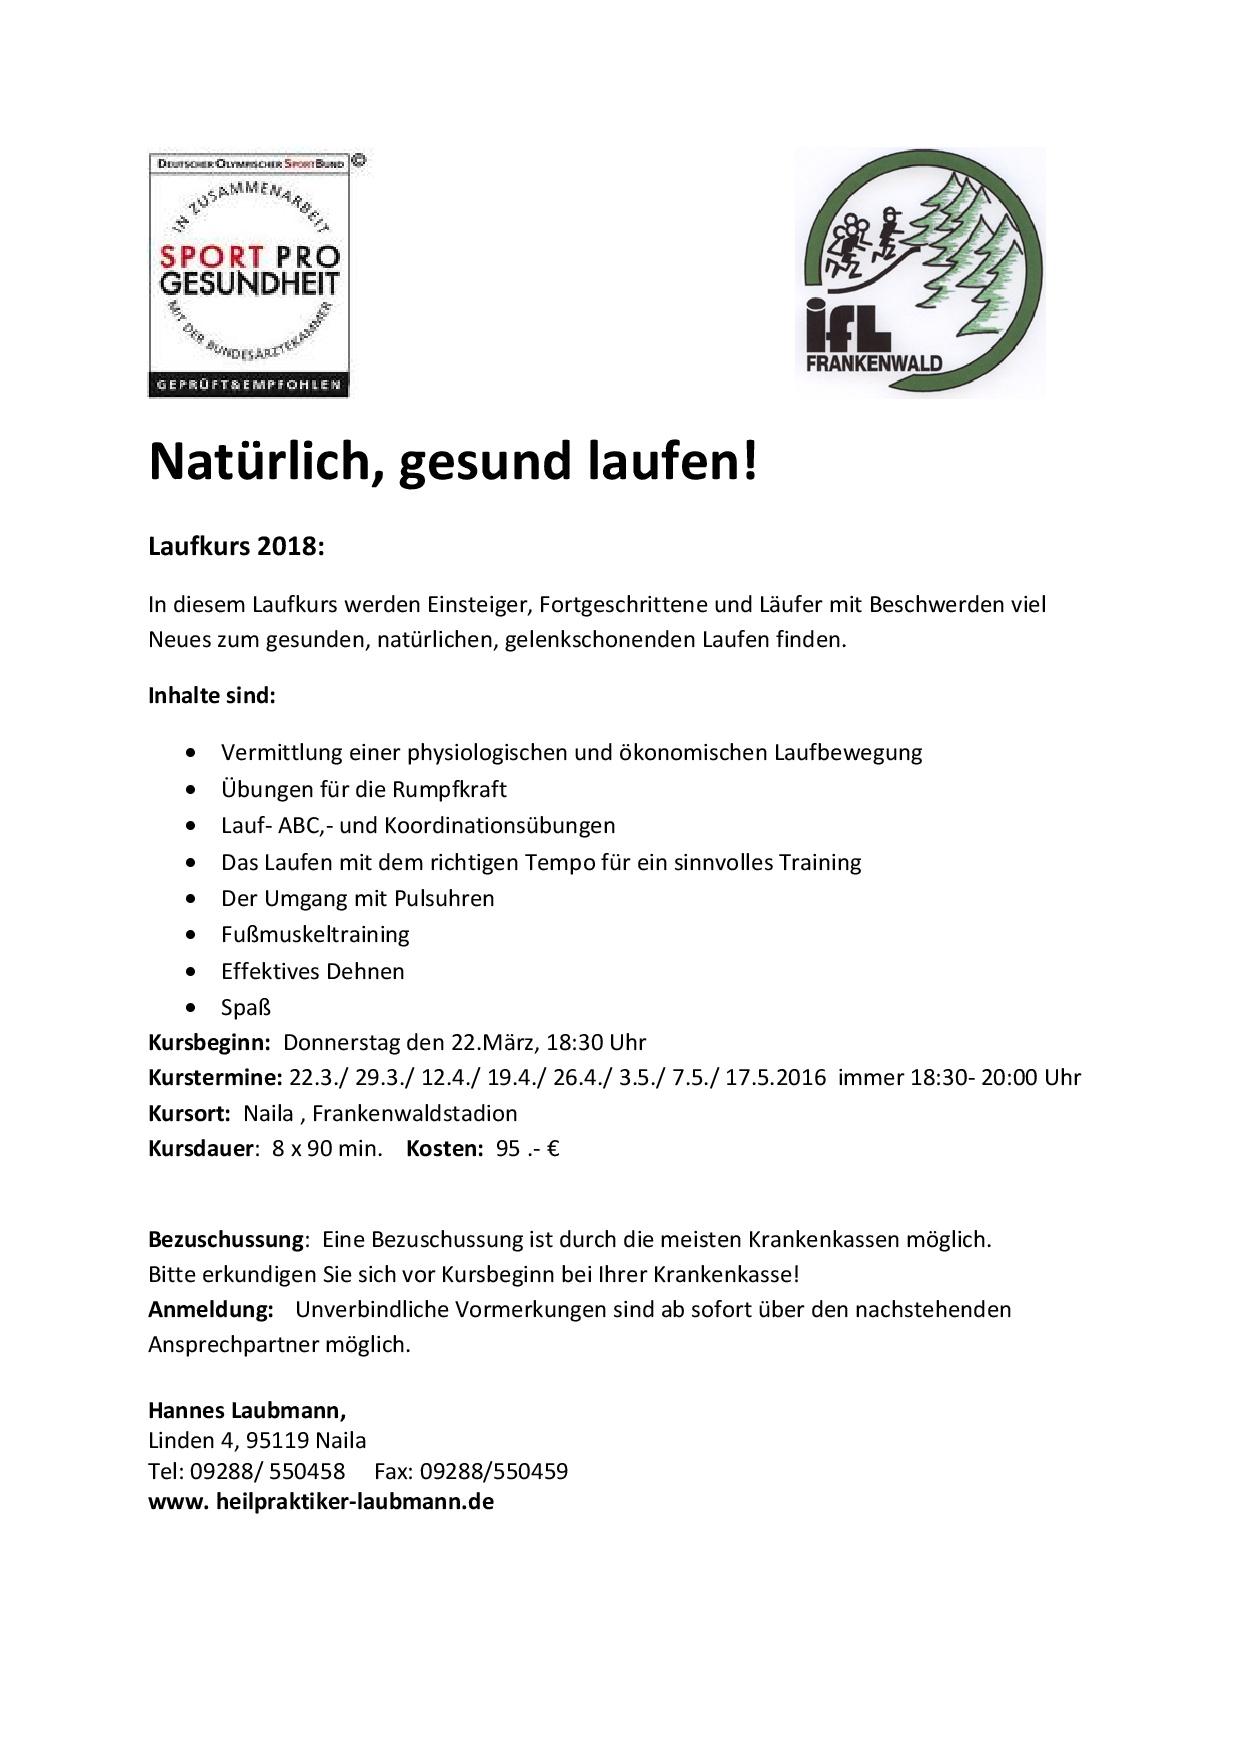 Schön Homestar Läufer Lebenslauf Fotos - Entry Level Resume Vorlagen ...